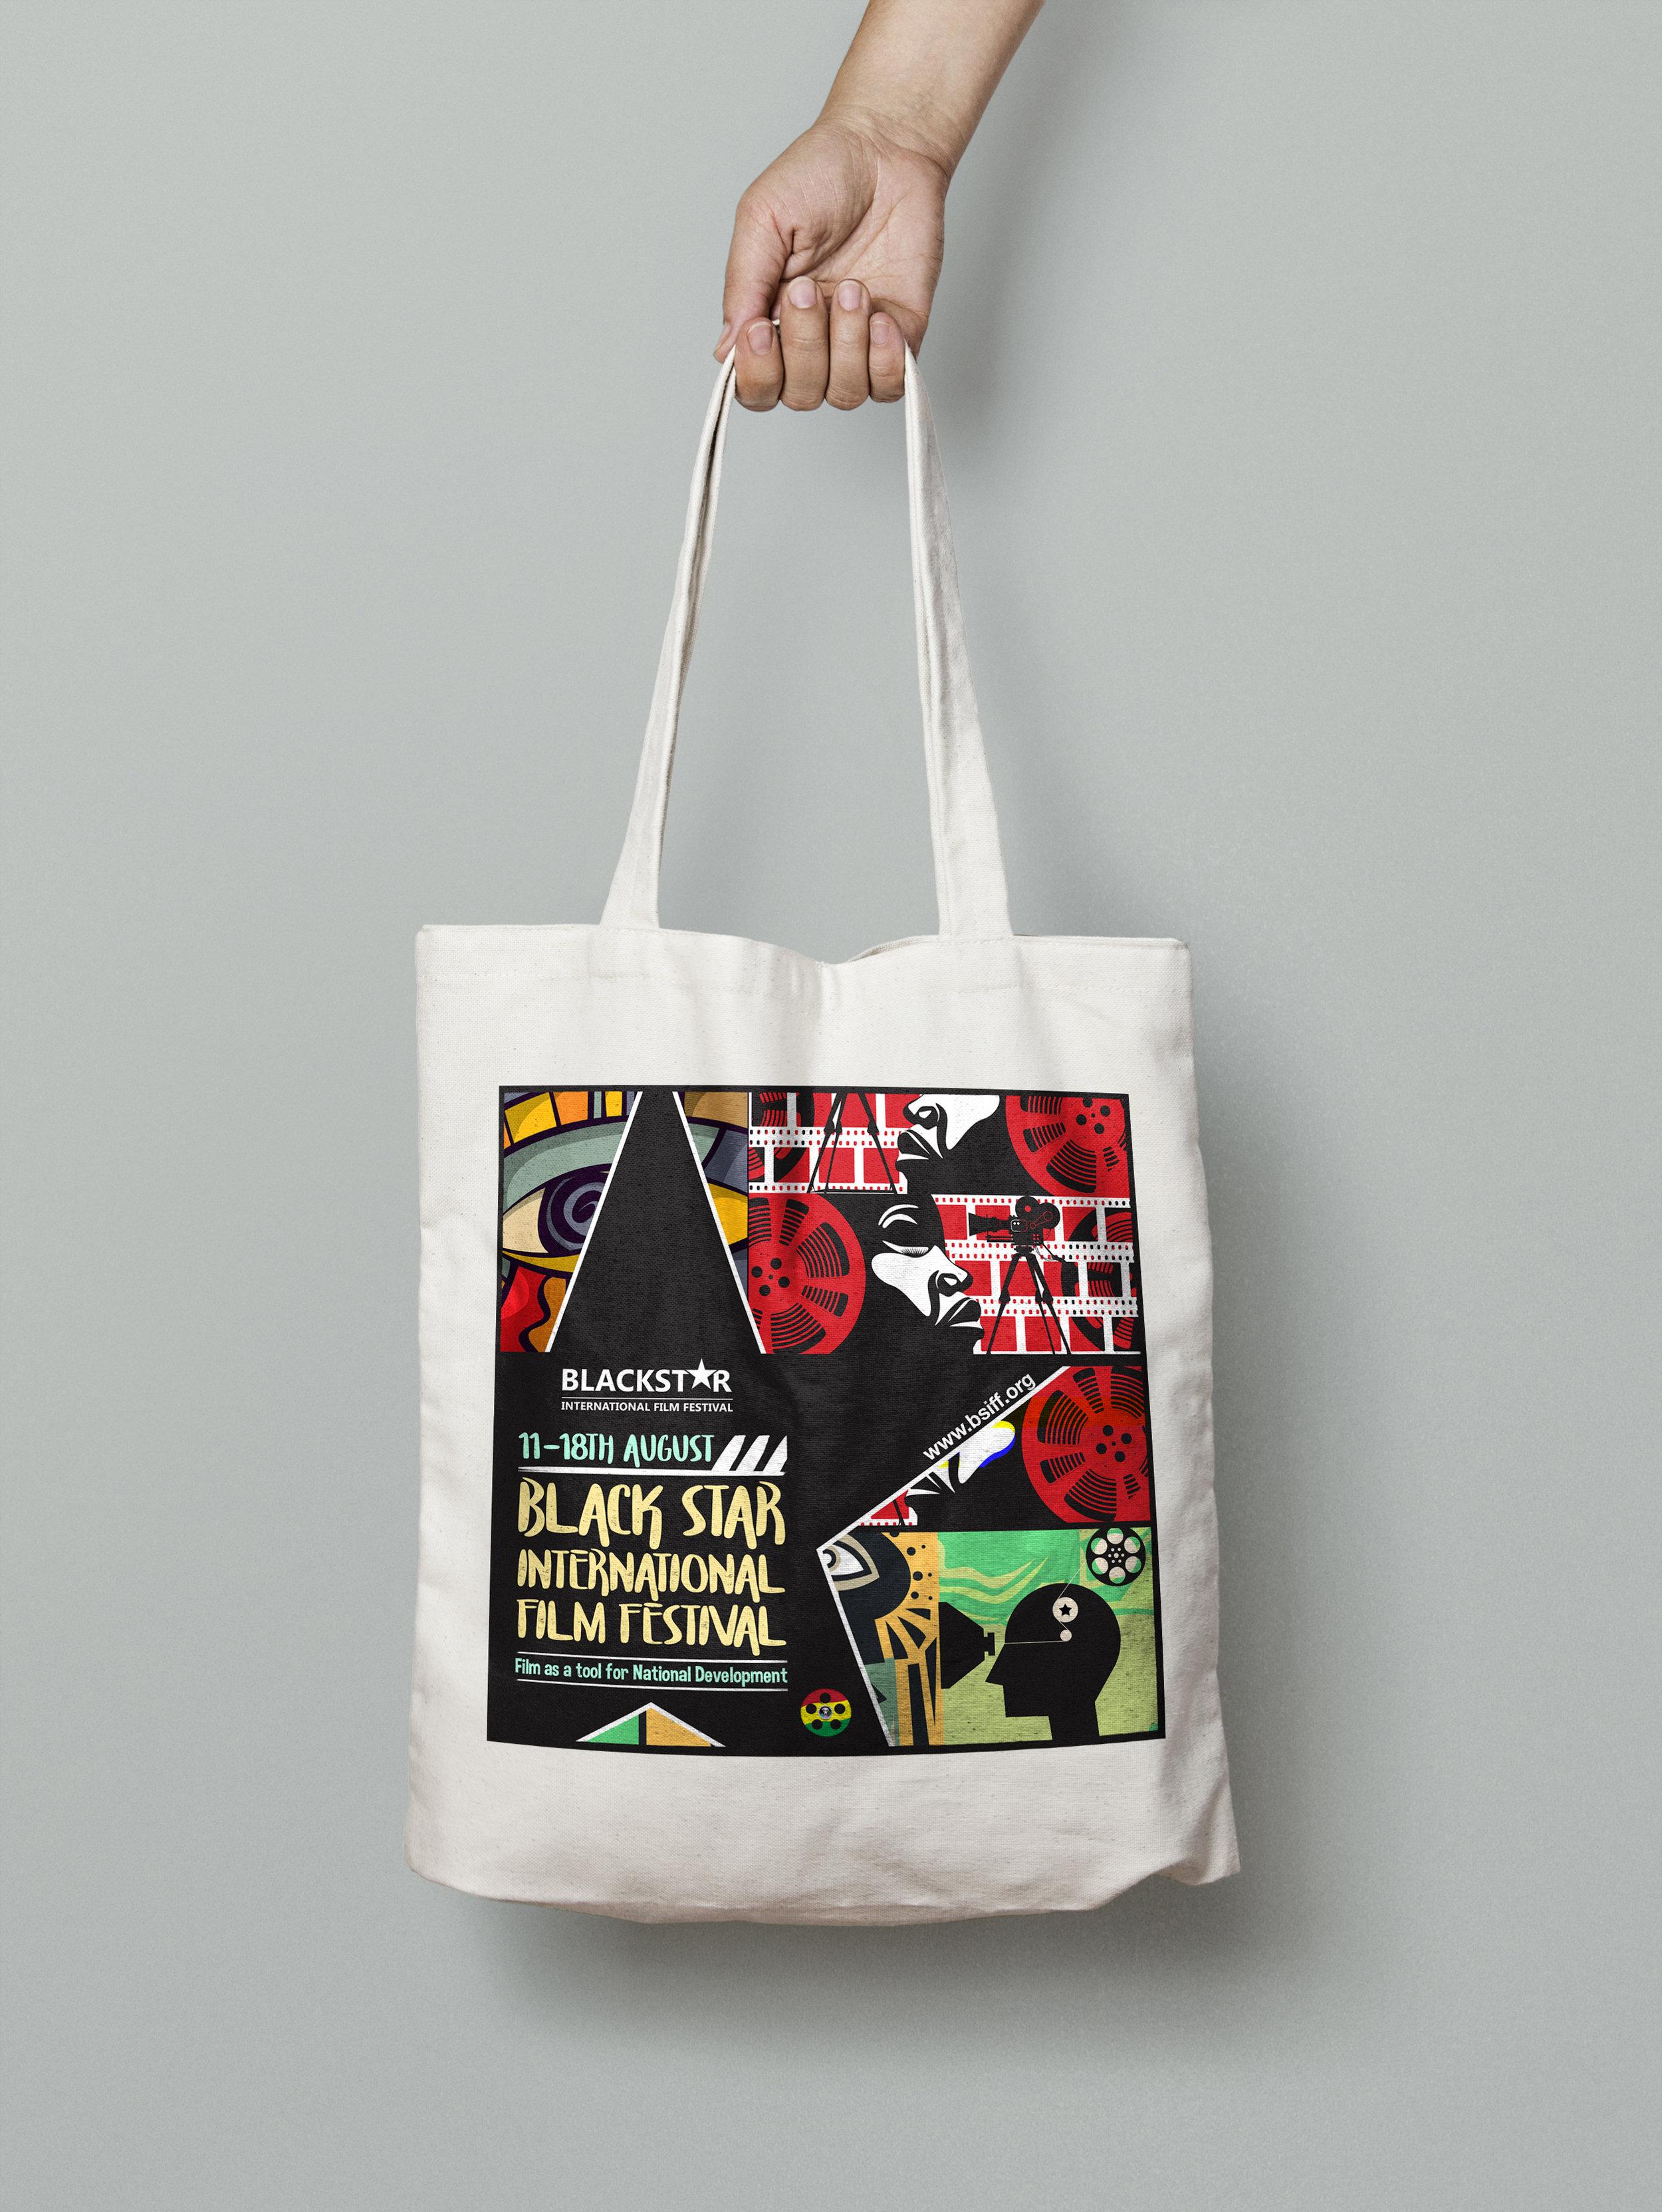 Bag = GHC 50